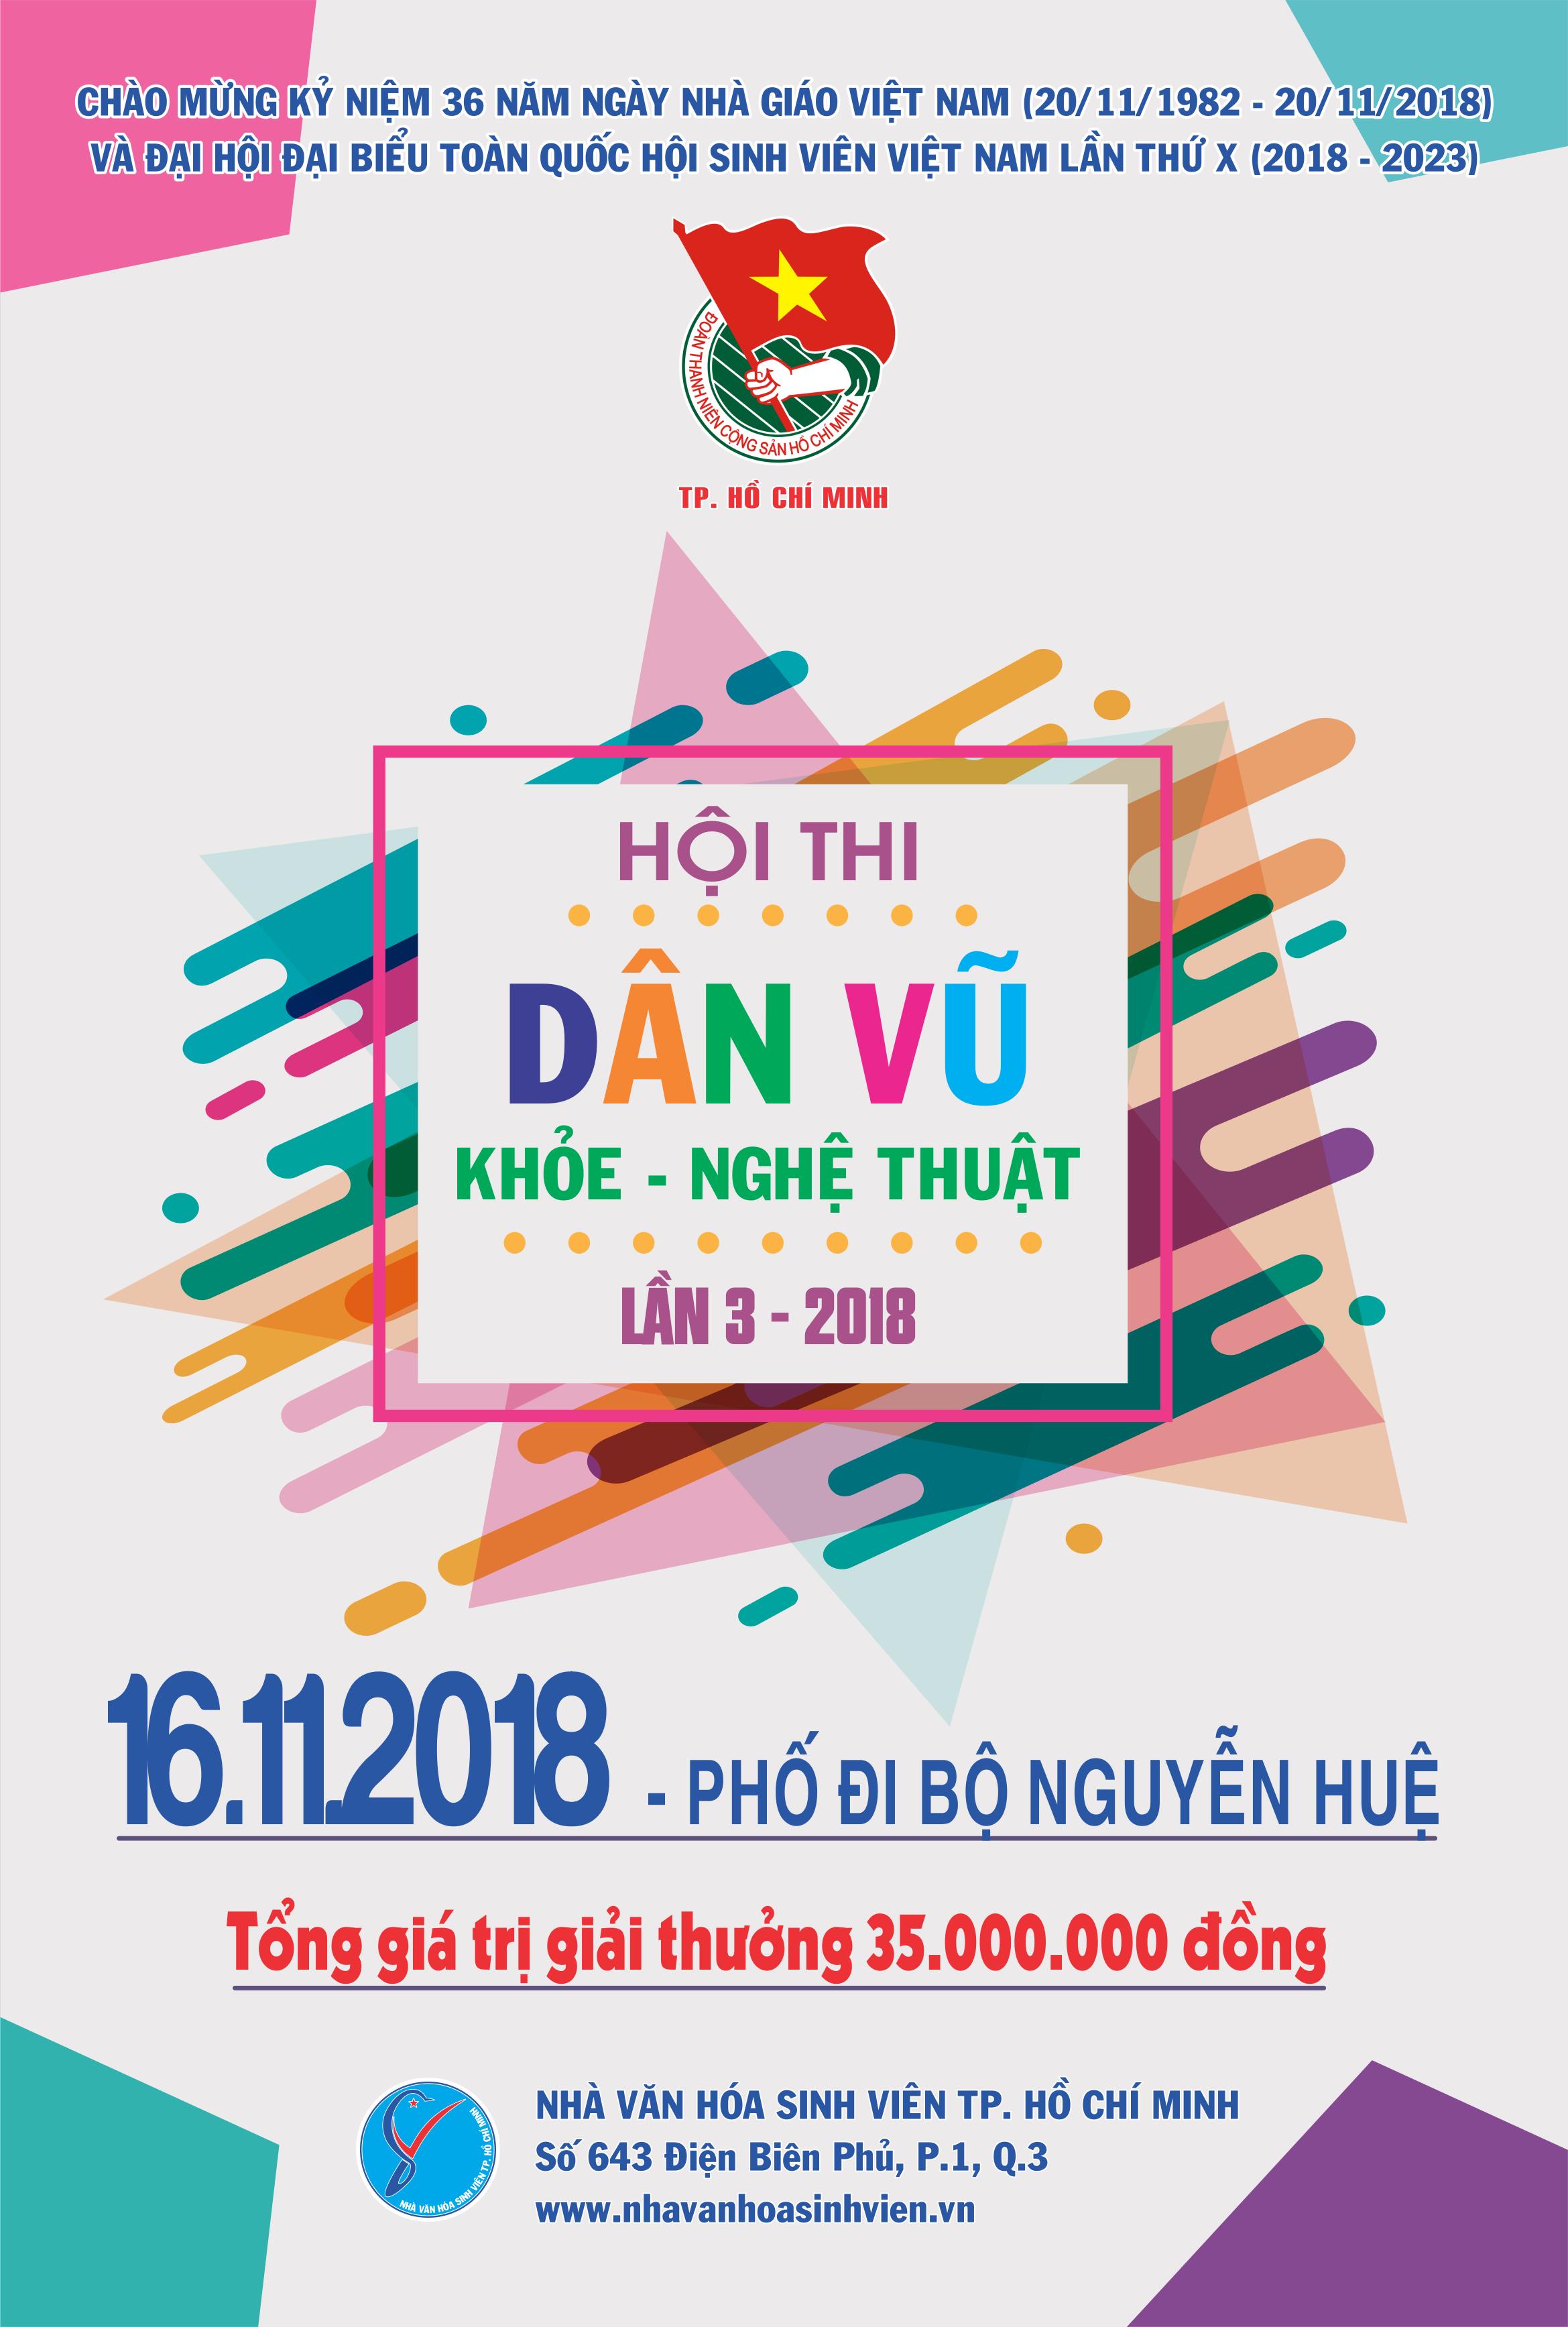 Cùng tham gia Hội thi Dân vũ – Khỏe – Nghệ thuật lần 3 – Năm 2018